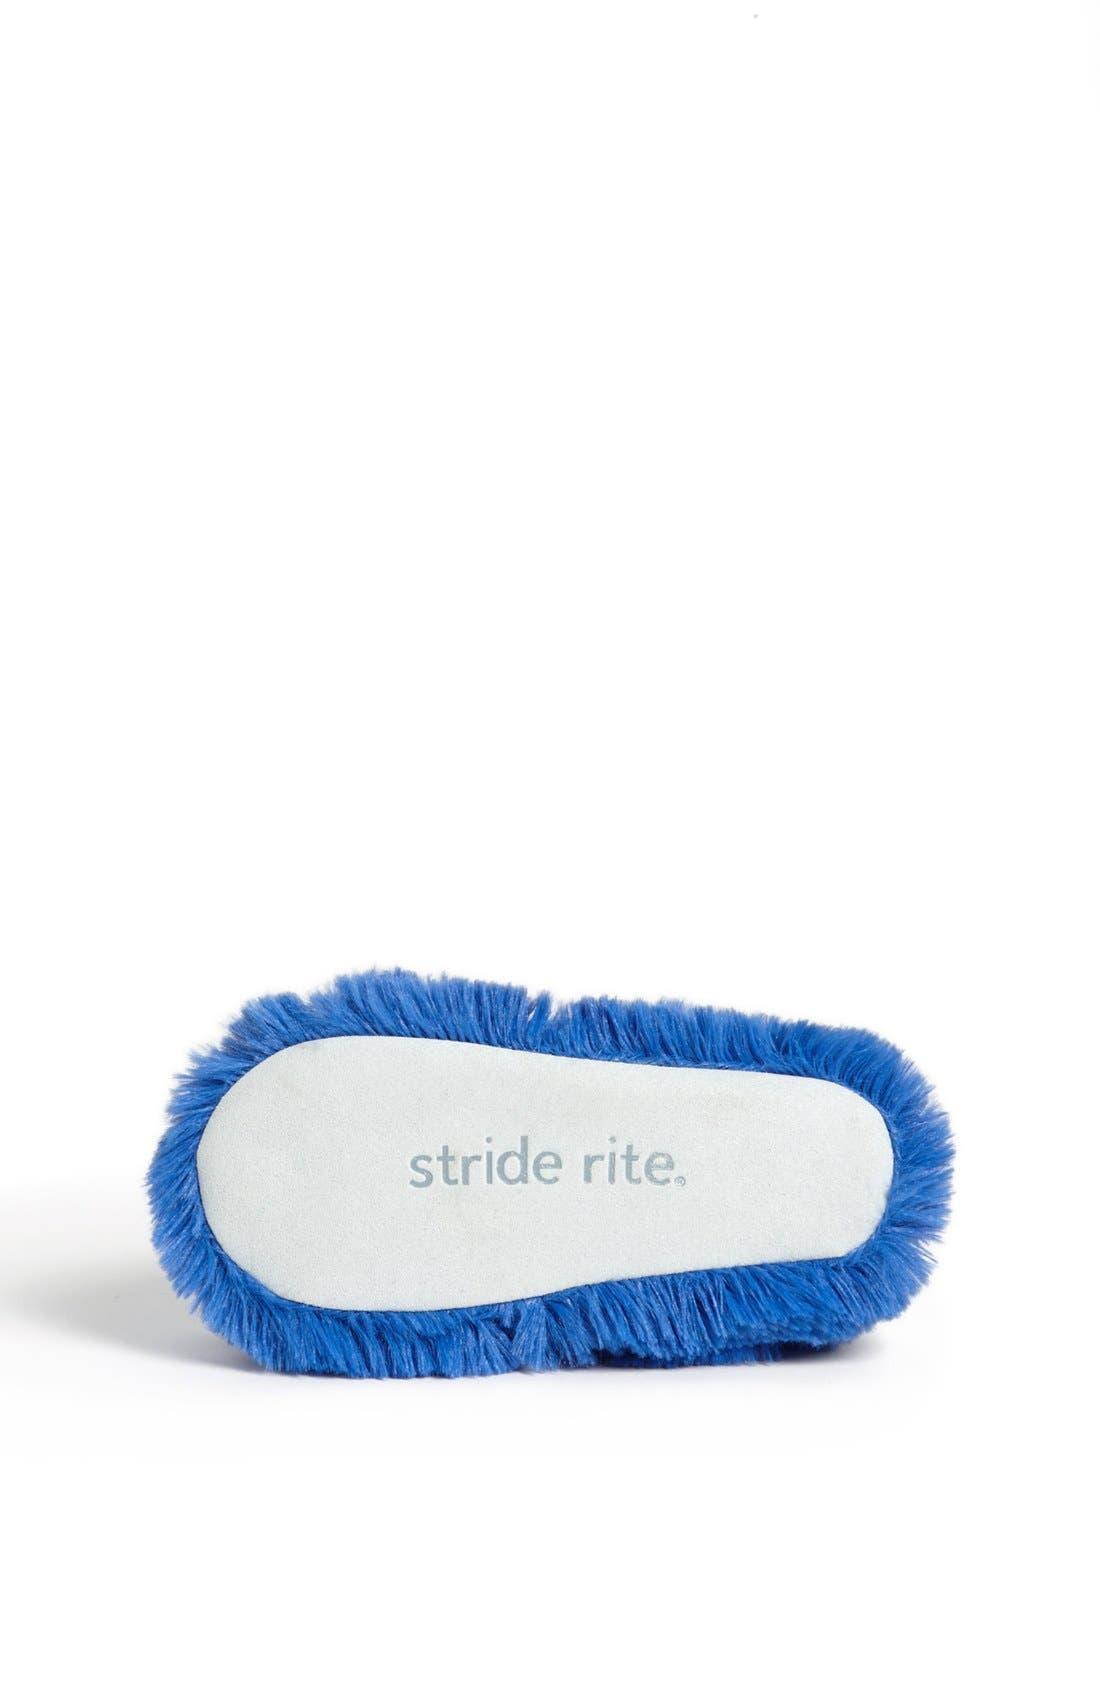 Alternate Image 4  - Stride Rite 'Mustachio' Slippers (Toddler & Little Kid)